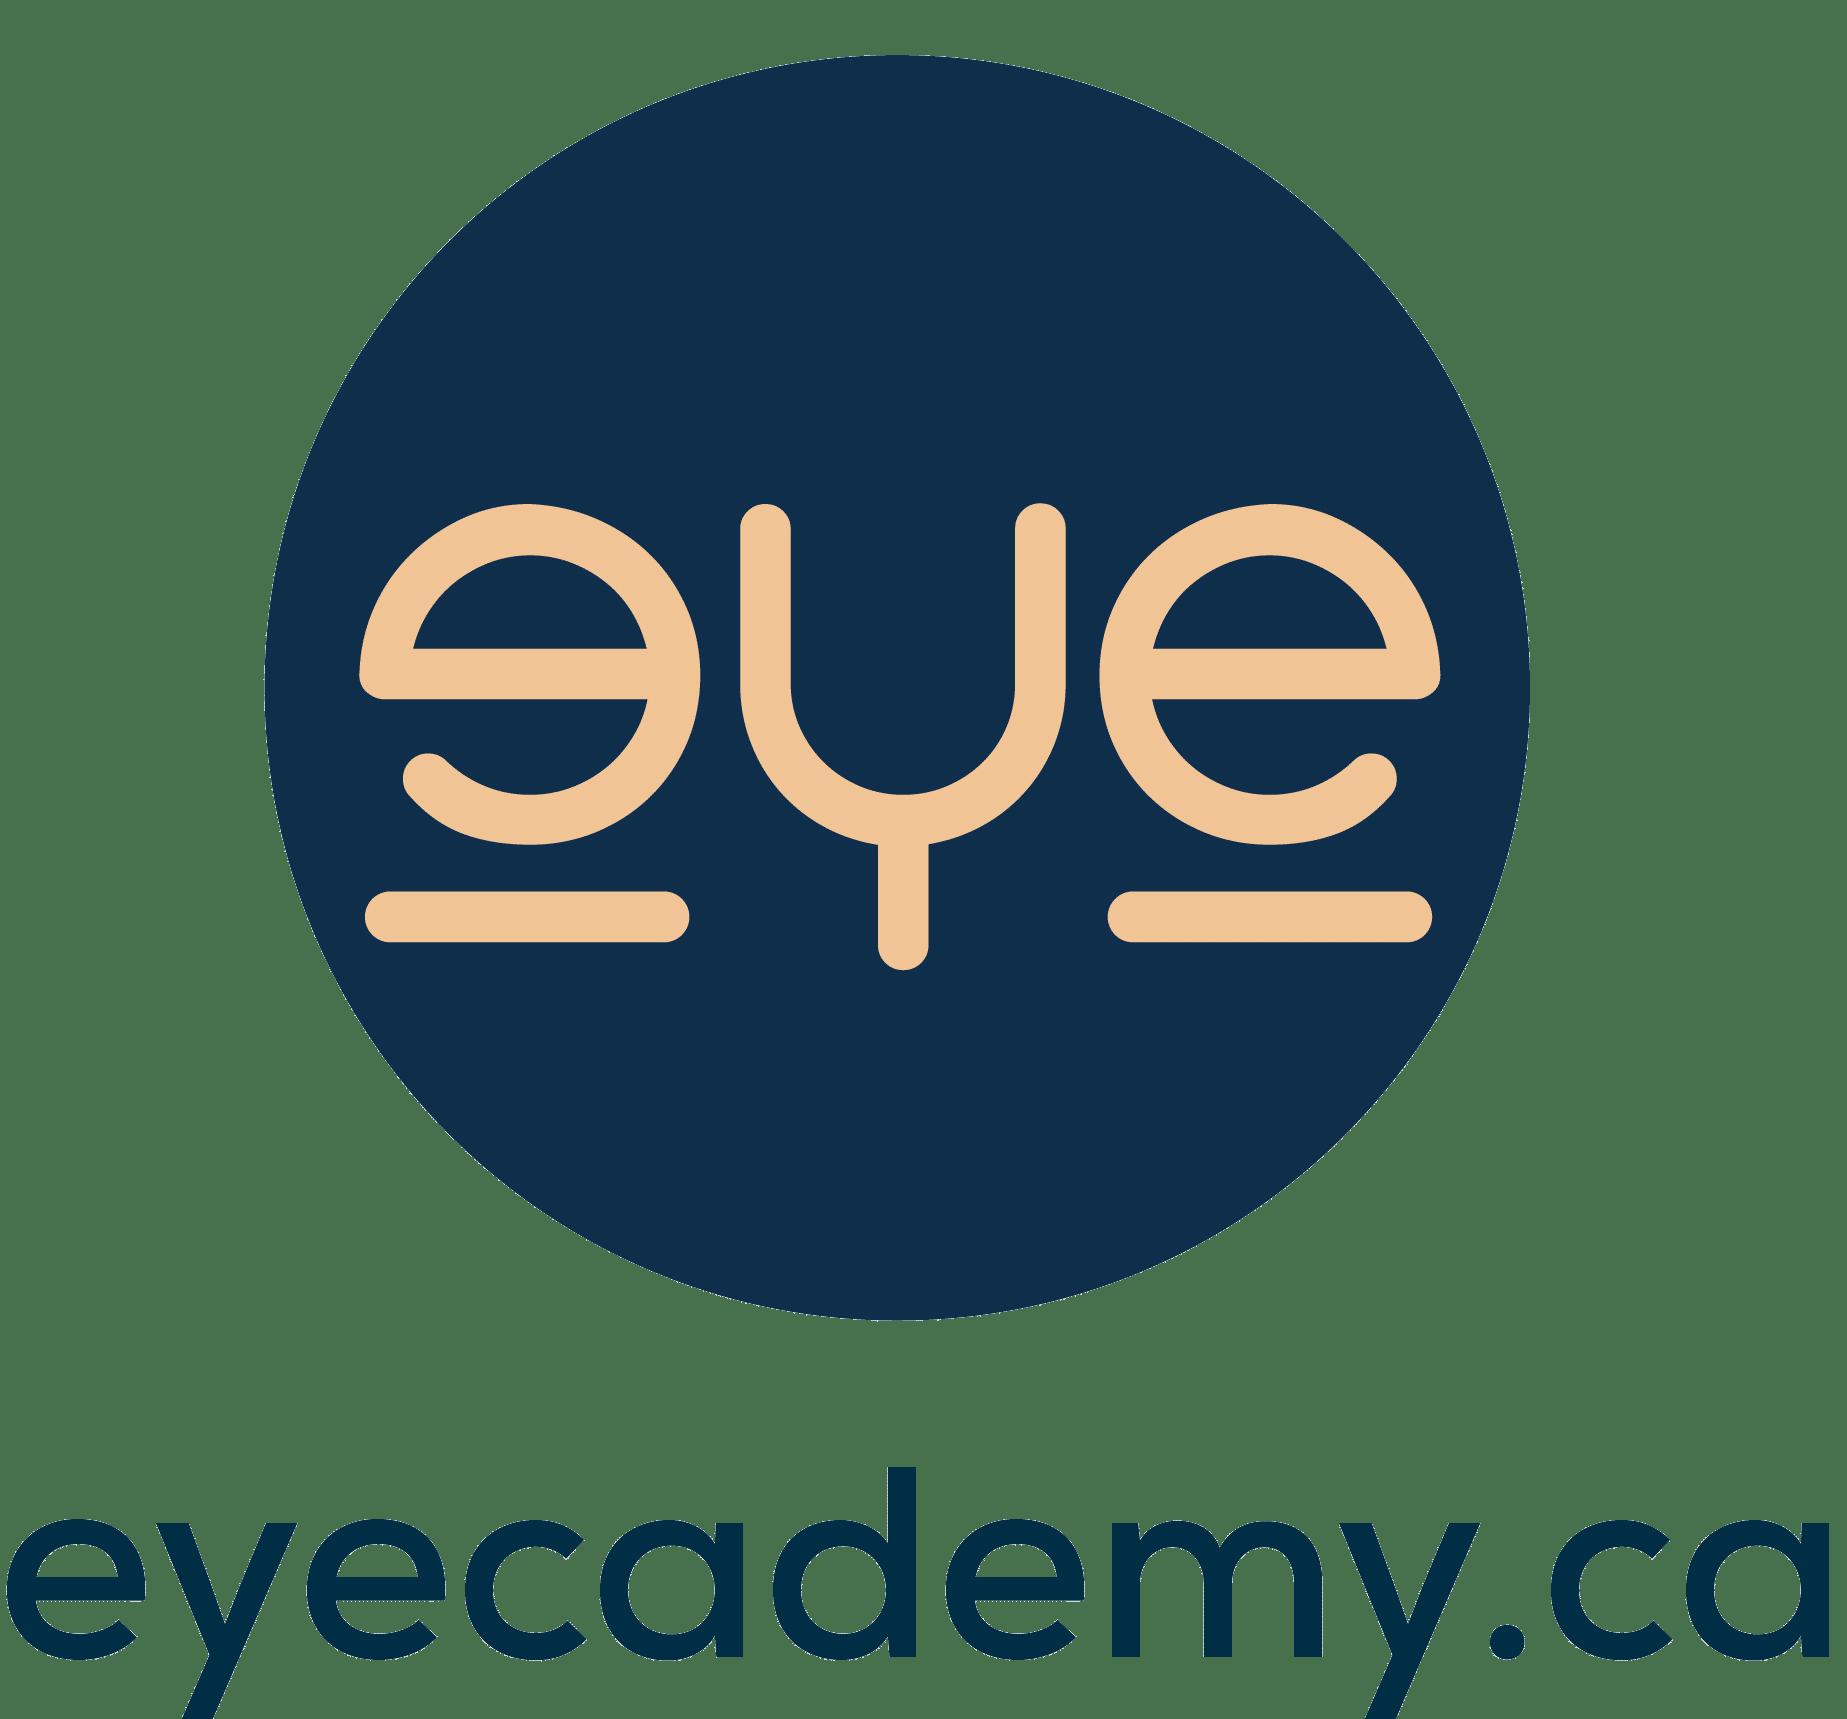 Home | eyecademy.ca